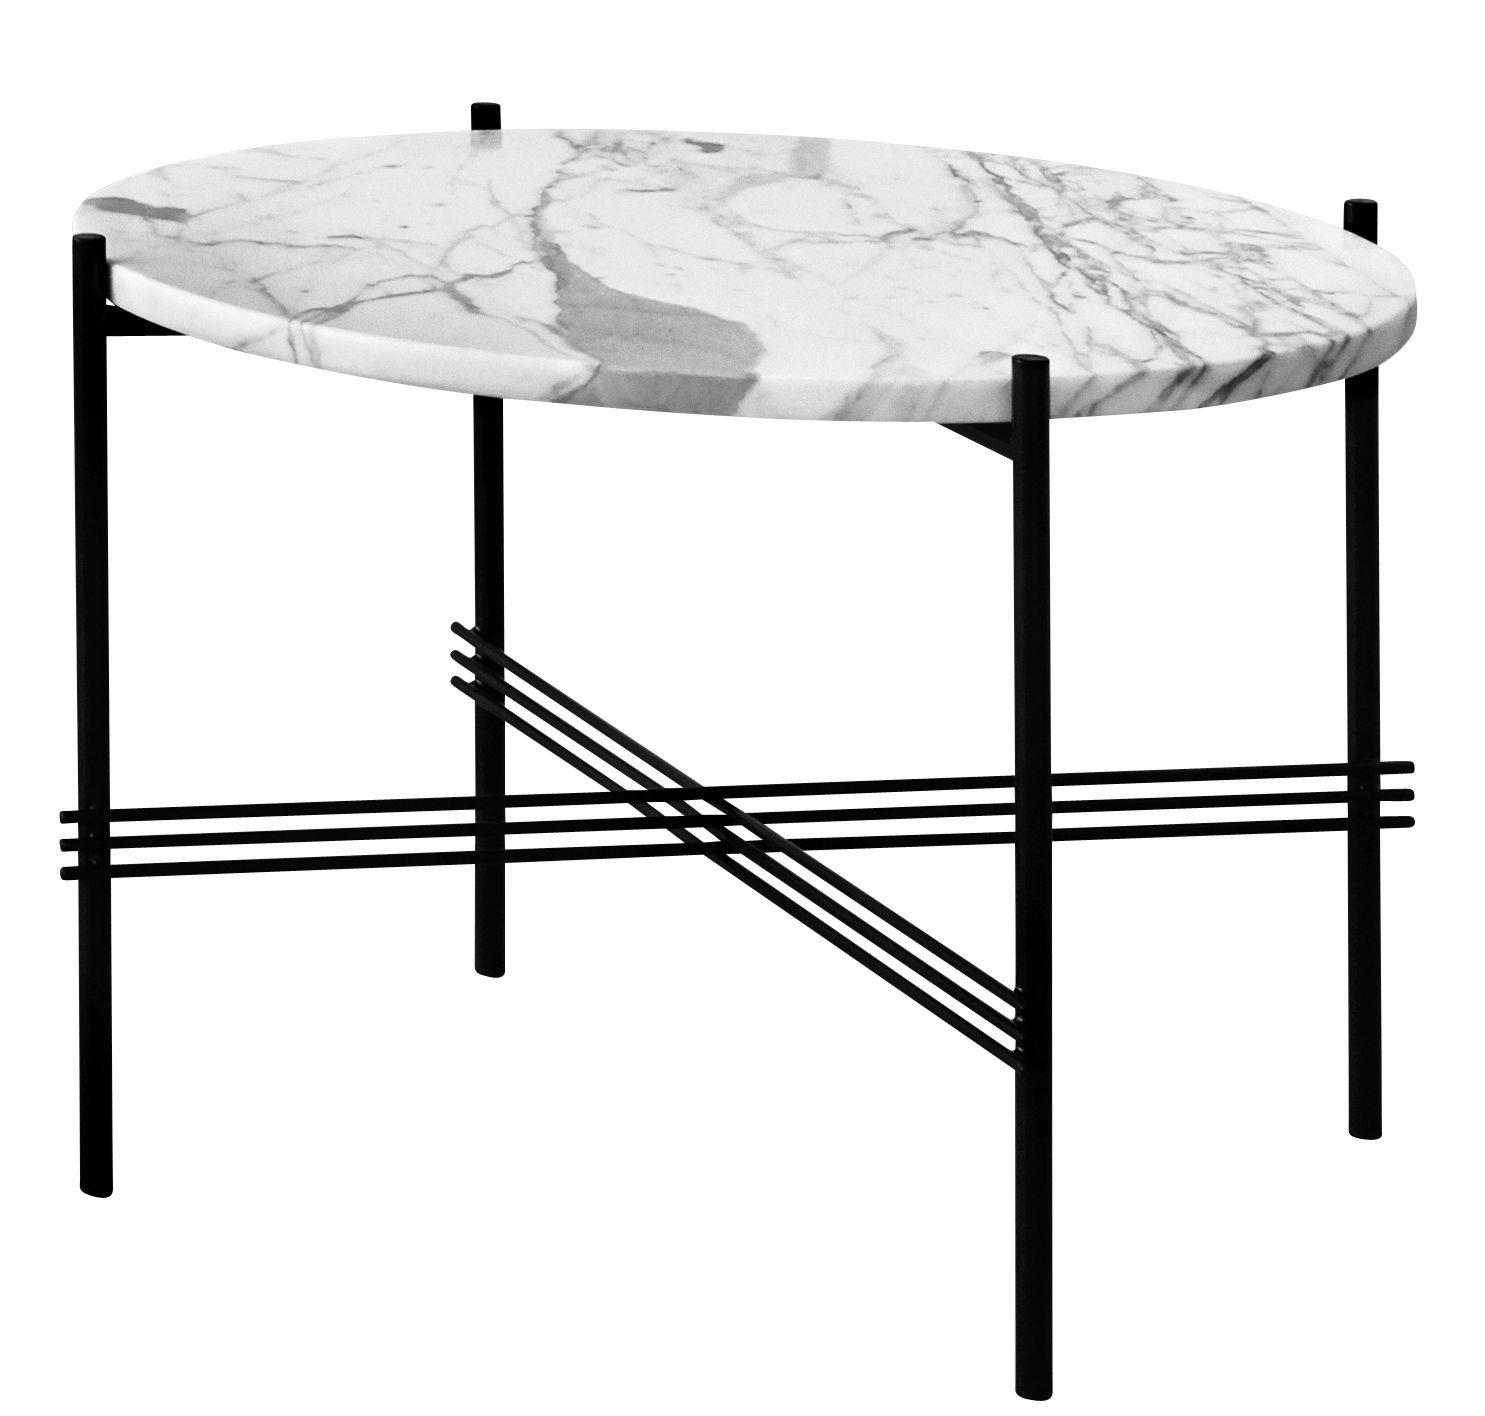 Mobilier - Tables basses - Table basse TS / Gamfratesi - Ø 80 x H 35 cm - Marbre - Gubi - Marbre blanc / Pied noir - Marbre de Carrare, Métal laqué